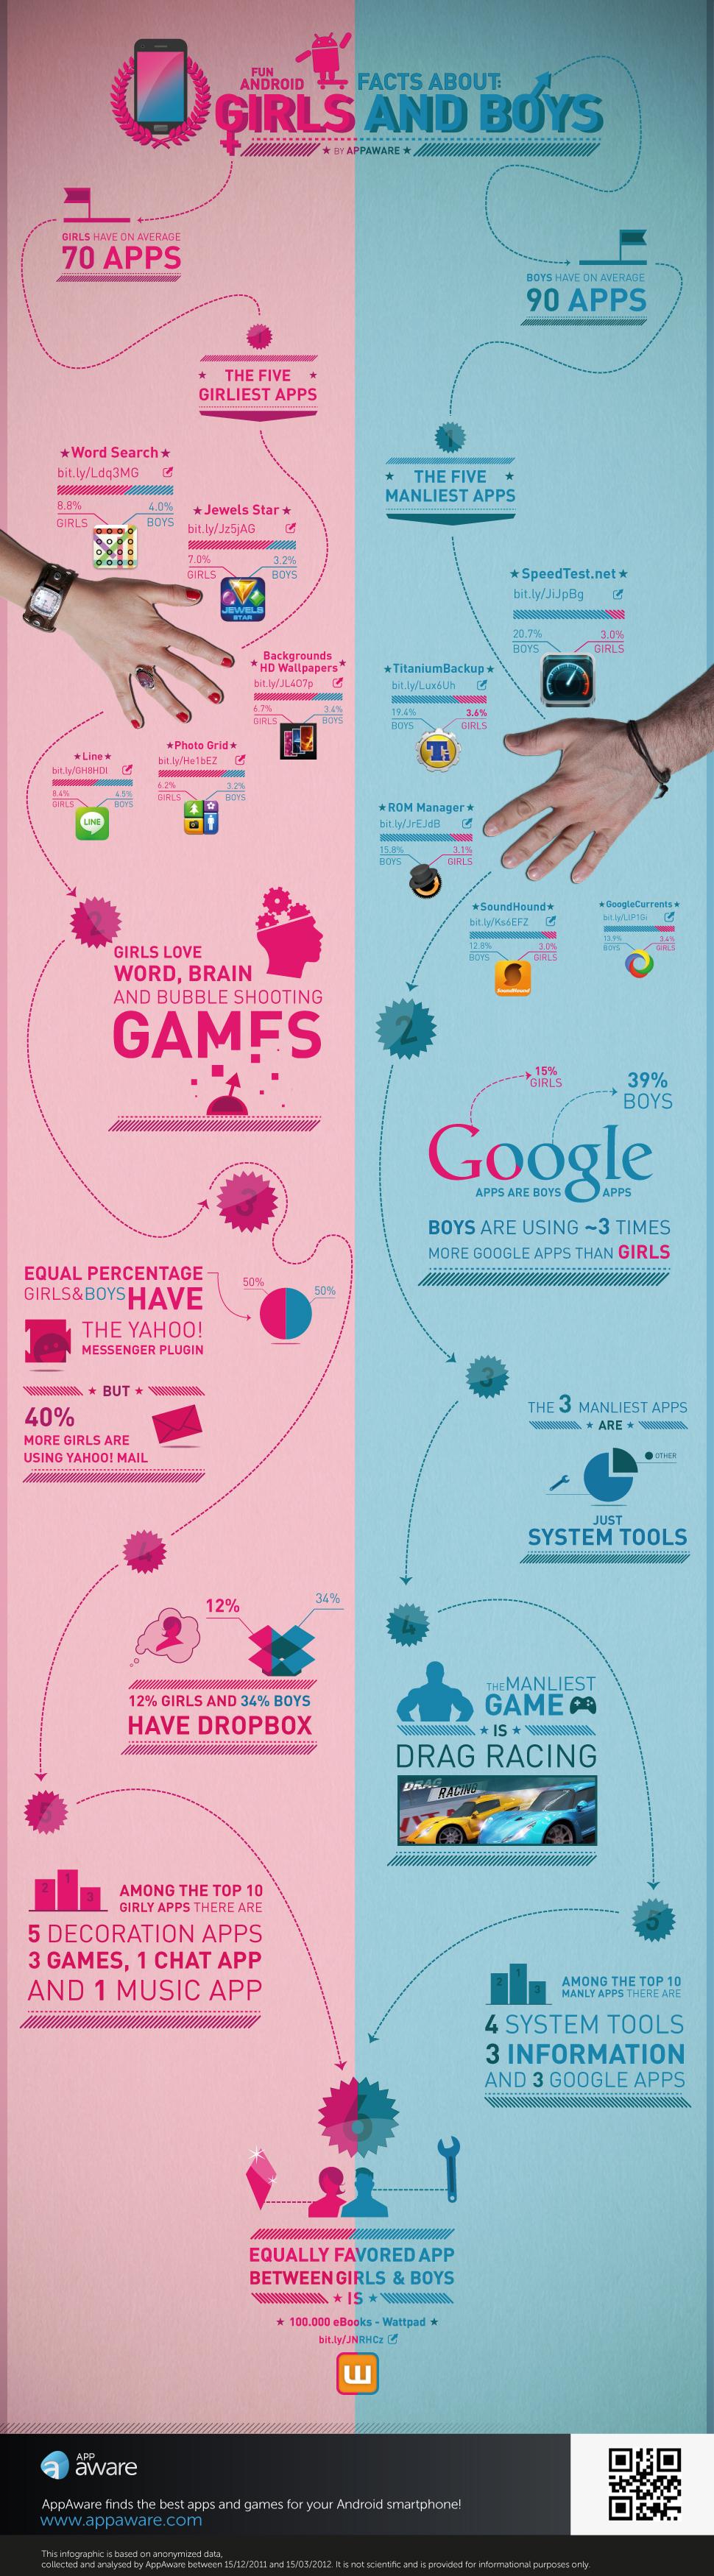 Infografía: Diferencias entre ellos y ellas en el uso de aplicaciones móviles